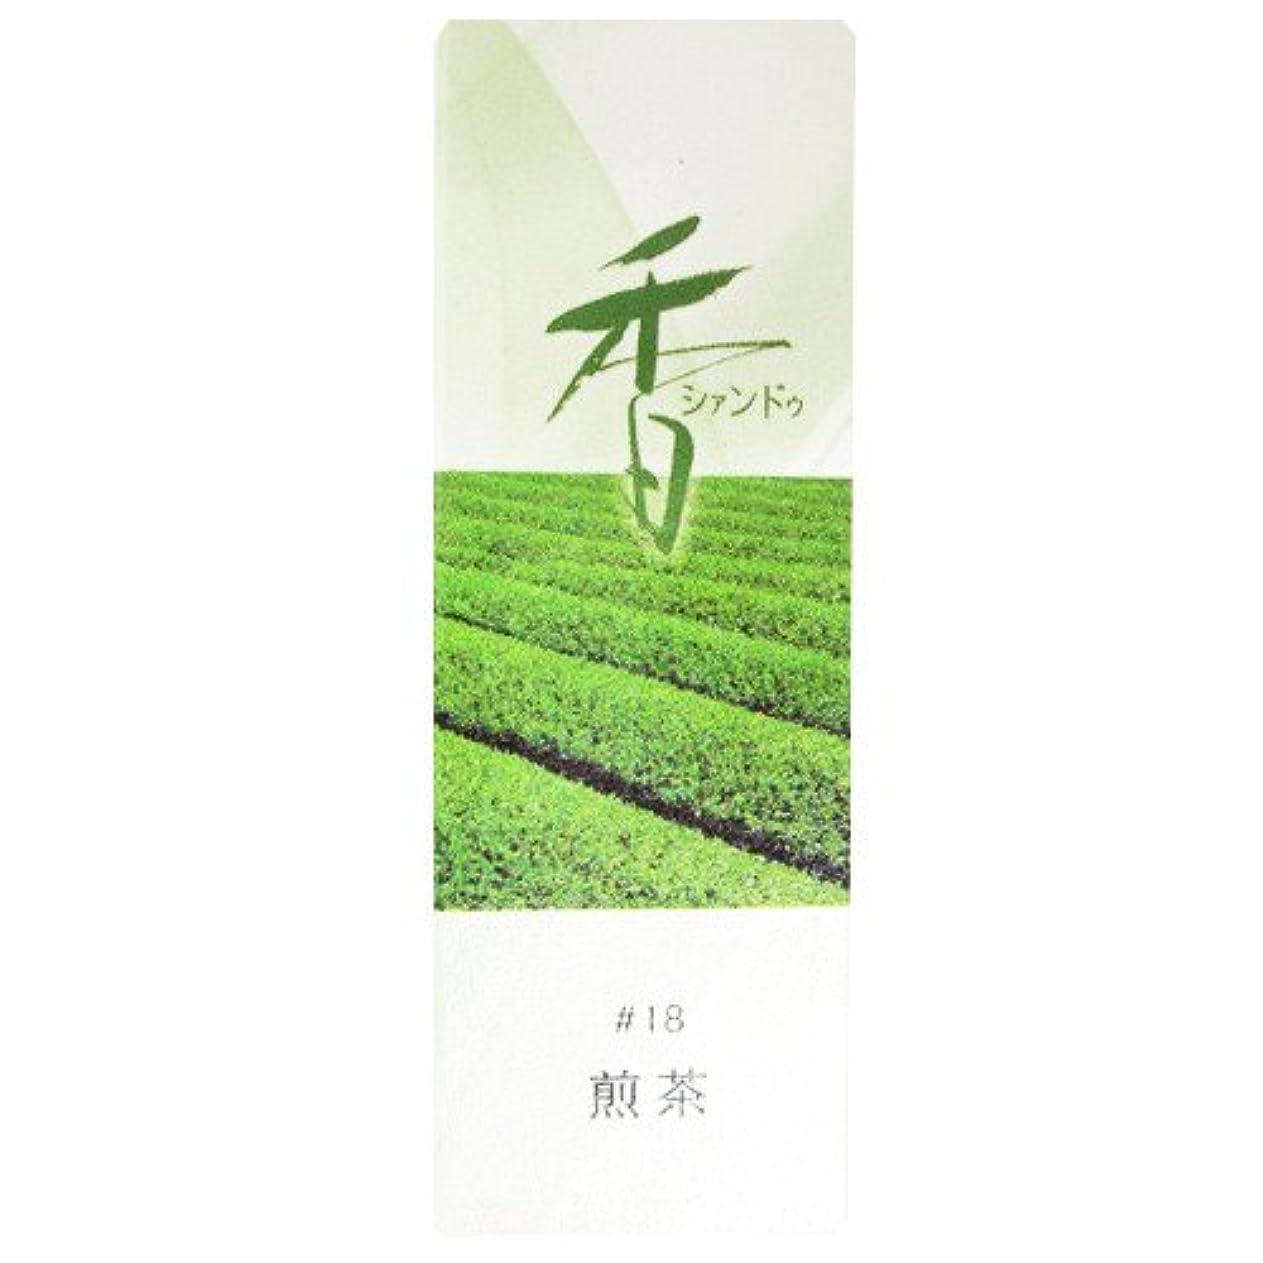 励起心のこもった目に見える松栄堂のお香 Xiang Do(シャンドゥ) 煎茶 ST20本入 簡易香立付 #214218